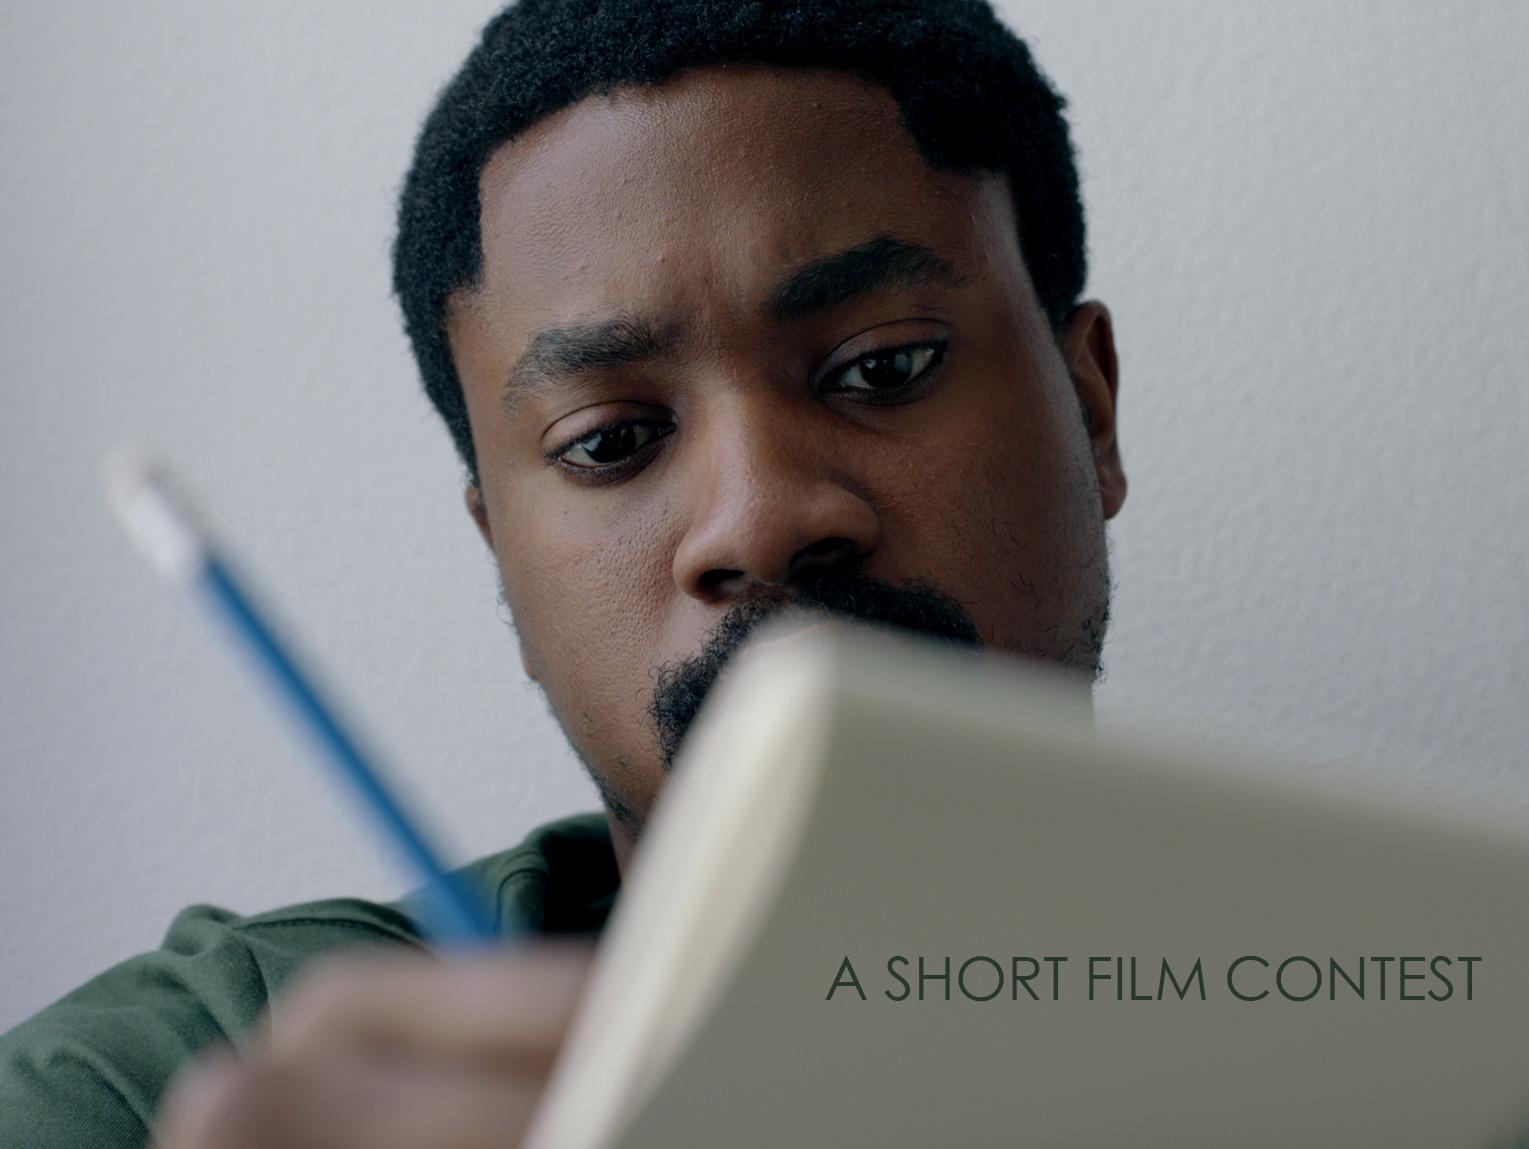 A Short Film Contest